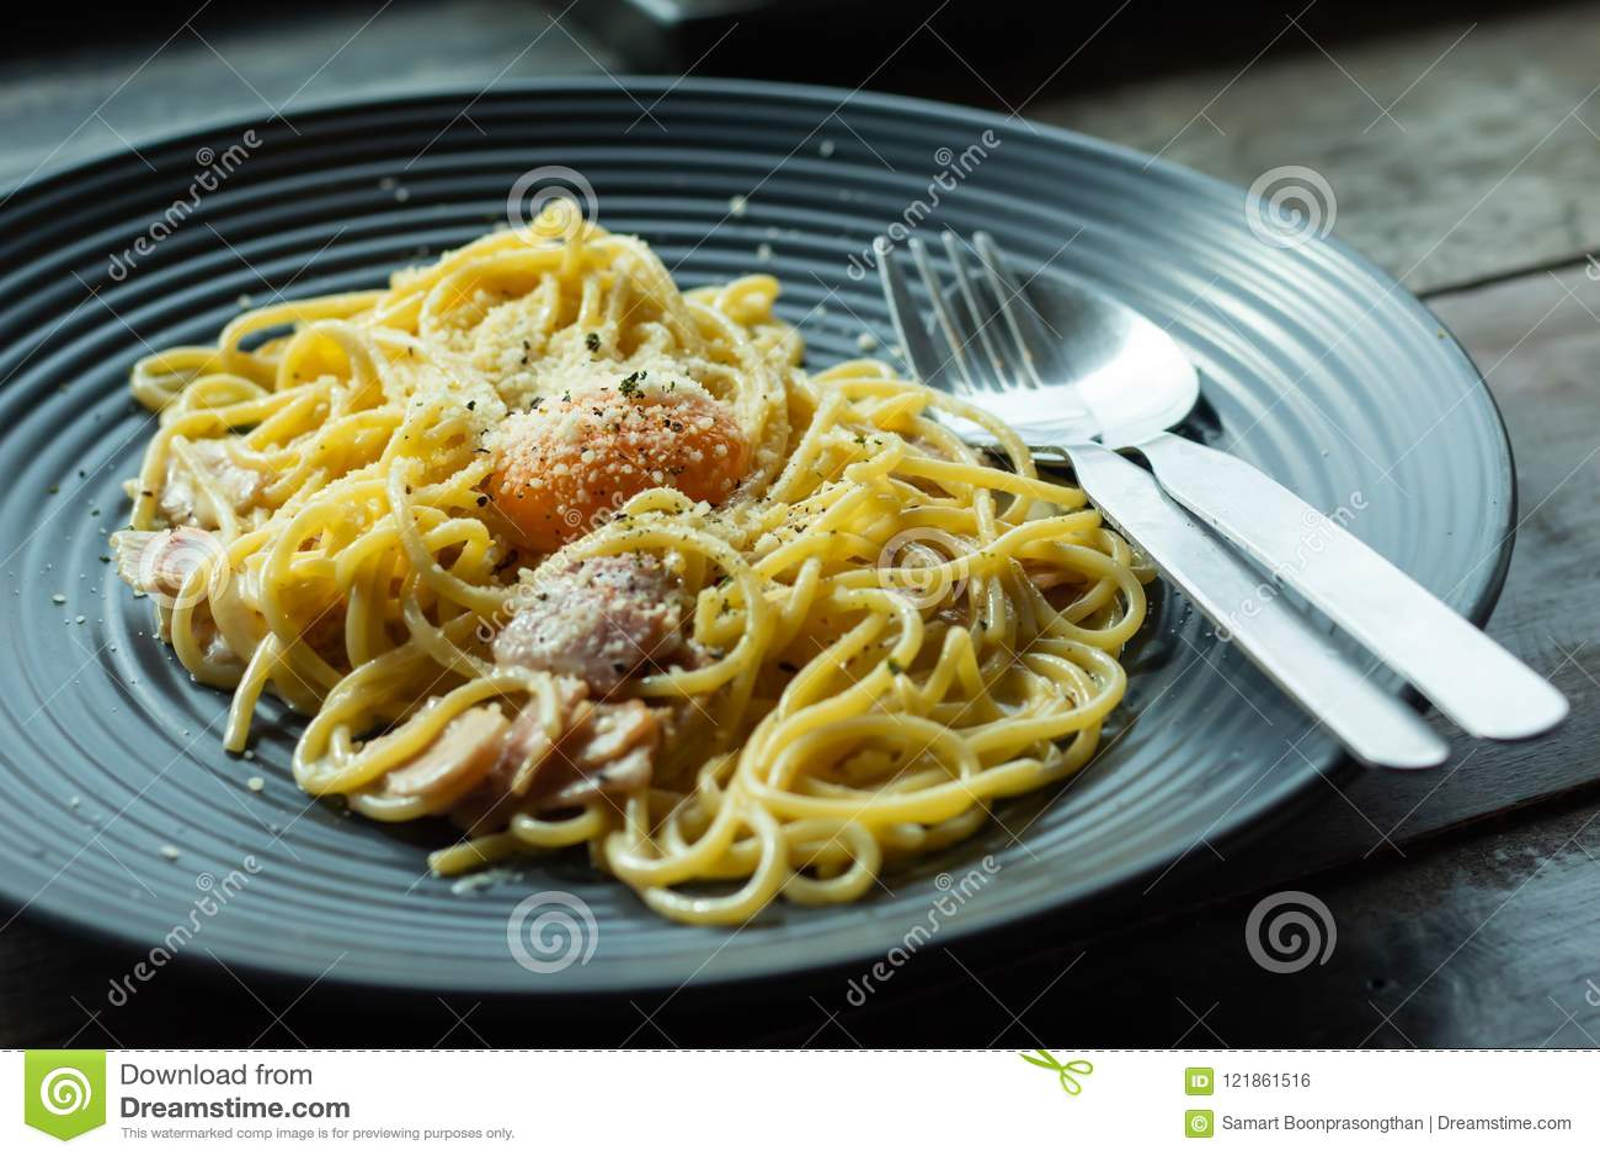 意粉,在一个黑色的盘子的油煎的乳酪在桌上